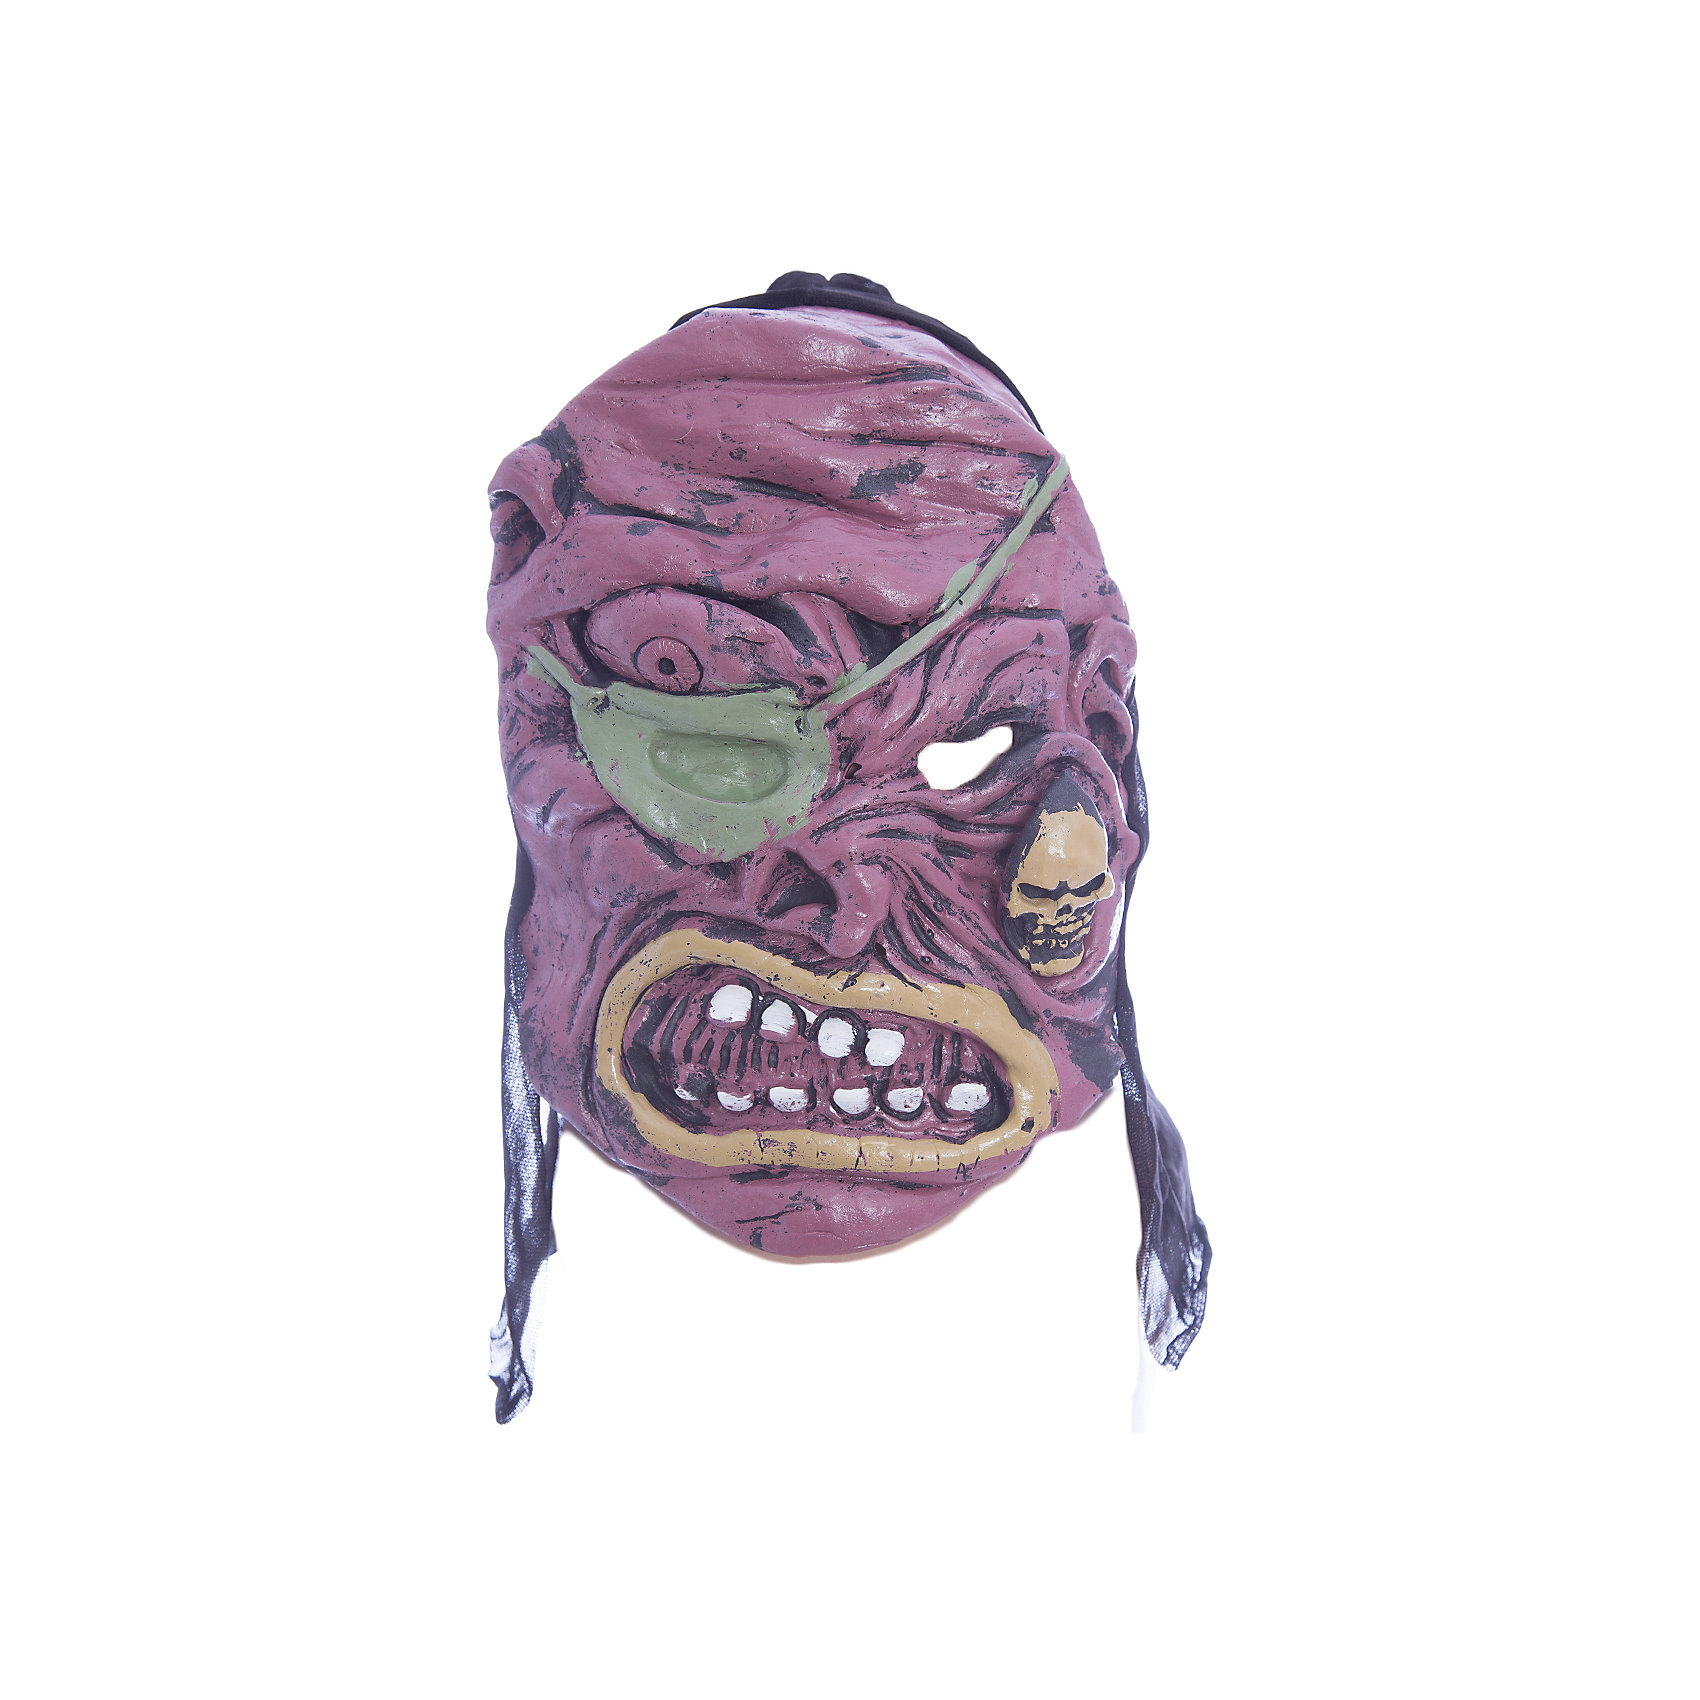 Карнавальная маска Череп, бордовыйСюжетно-ролевые игры<br>Карнавальная маска Череп, бордовый — это детализированный элемент карнавального костюма, представляющий собой маску, которая вызовет настоящий восторг у всех юных поклонников преображения. Маска очень практичная, ваш ребенок всё увидит через глазницы существа. Если у него будет костюм в едином стиле с маской, то приз на любом конкурсе костюмов ему обеспечен. Эти маски могут понравится как девочкам, так и мальчикам, ведь все дети хотят хоть раз побыть на стороне чудовища.<br><br>Ширина мм: 195<br>Глубина мм: 20<br>Высота мм: 270<br>Вес г: 100<br>Возраст от месяцев: 72<br>Возраст до месяцев: 192<br>Пол: Мужской<br>Возраст: Детский<br>SKU: 4767387